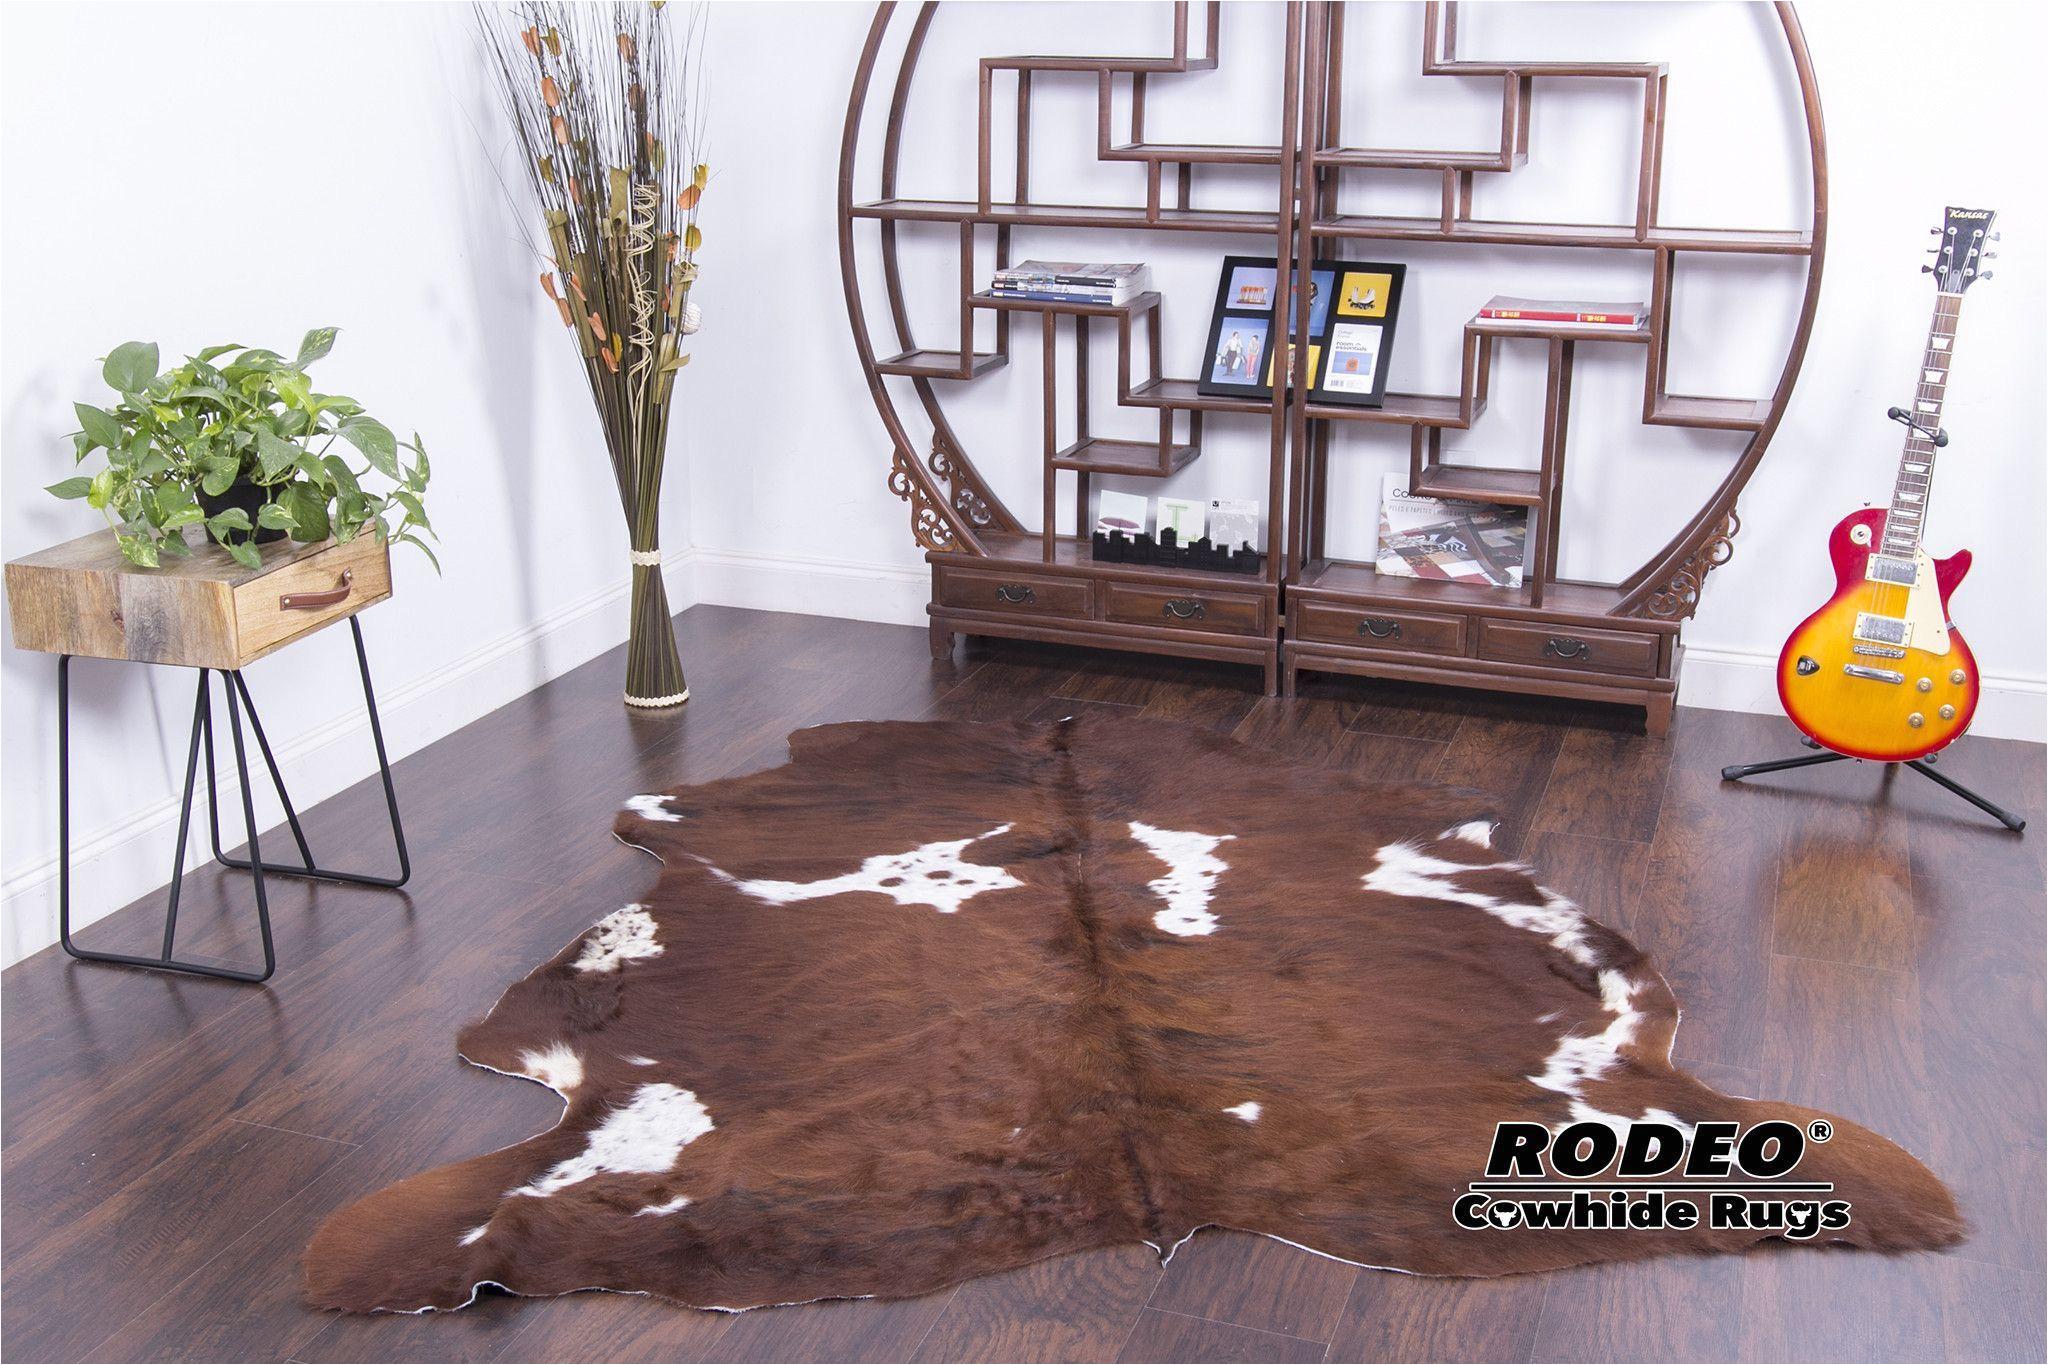 new large long hair brown cowhide rugs area rugs cow skin hide 6 8x6 4 1176